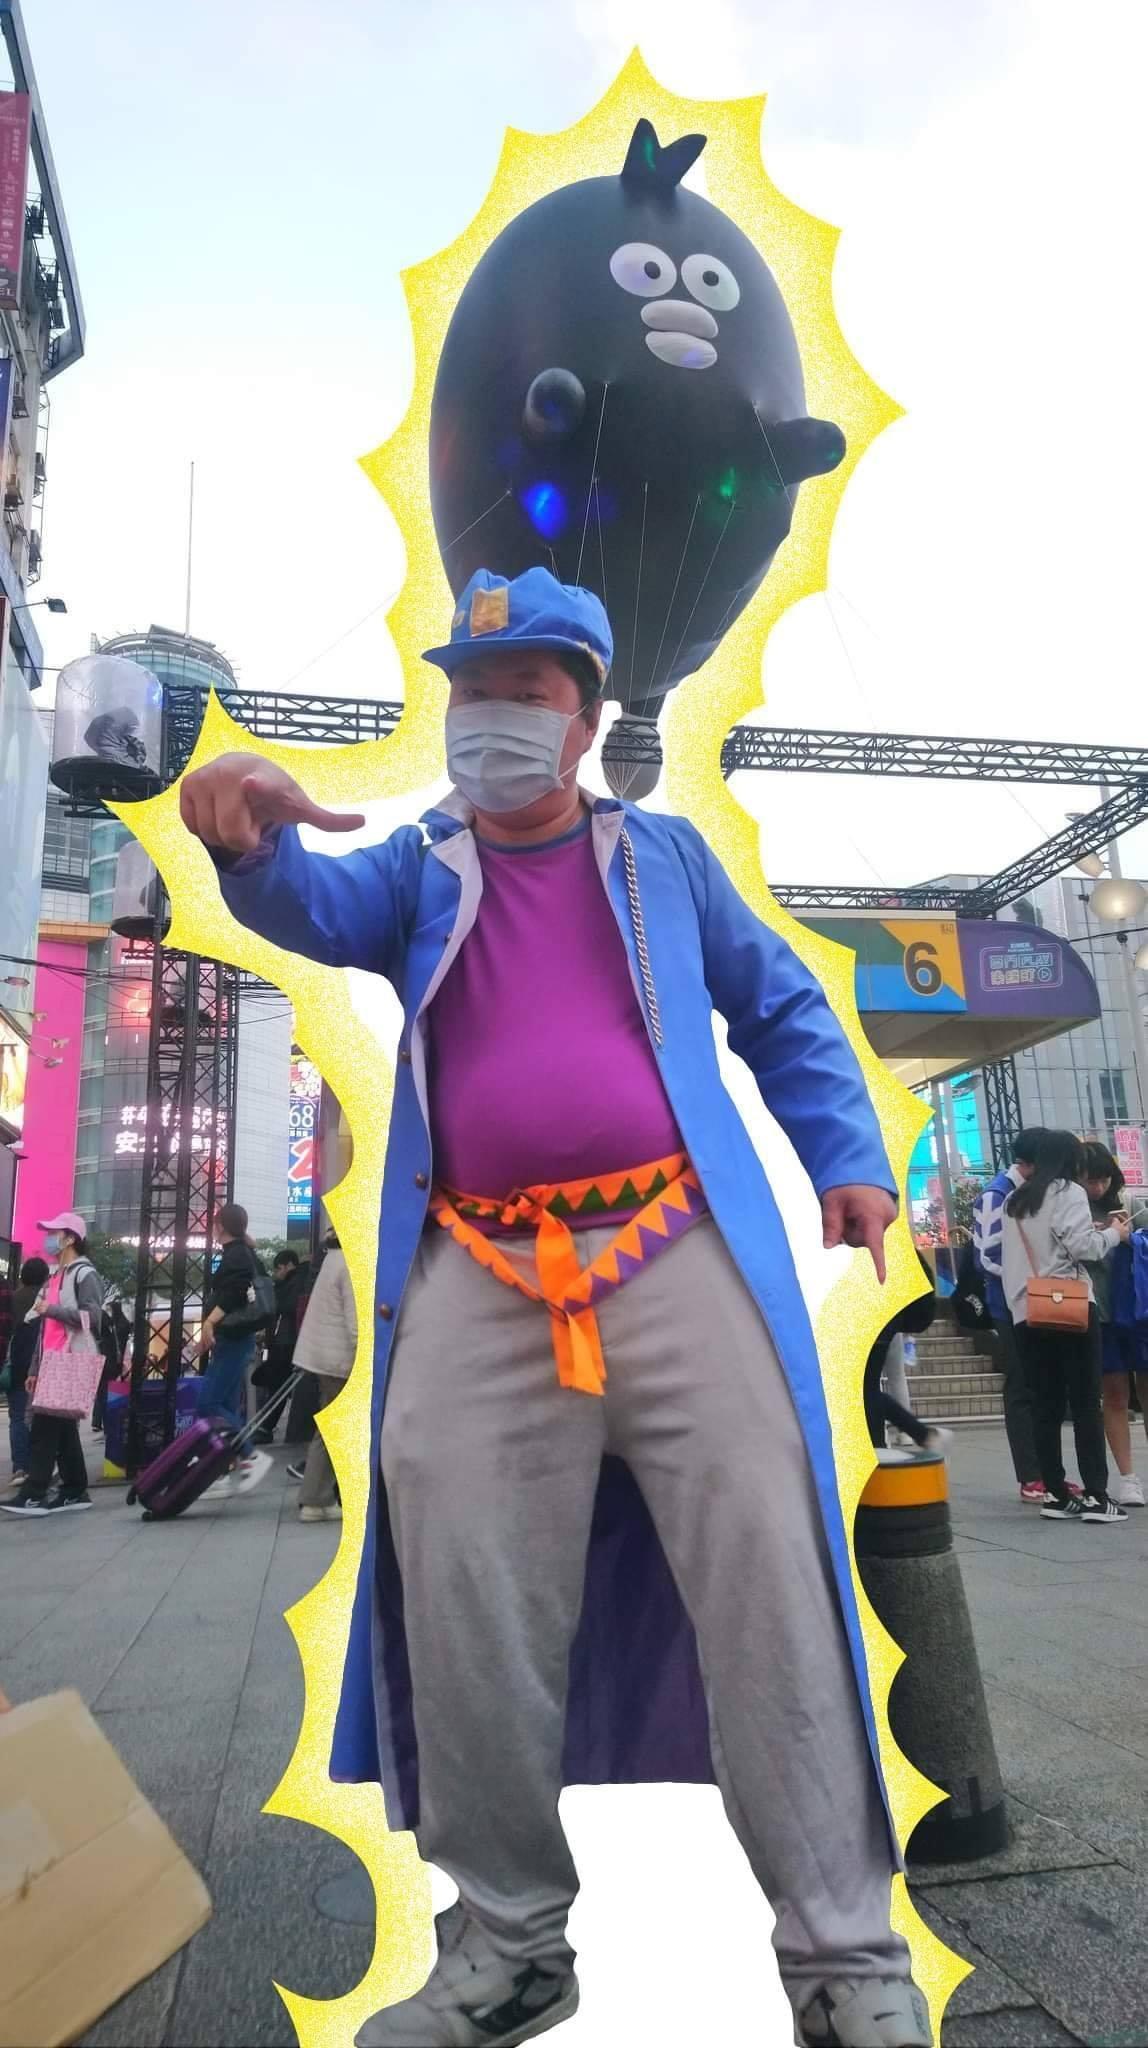 音地大帝扮成《Jojo的奇幻冒險》的角色在西門町徵夥伴。(翻攝自音地大帝臉書)